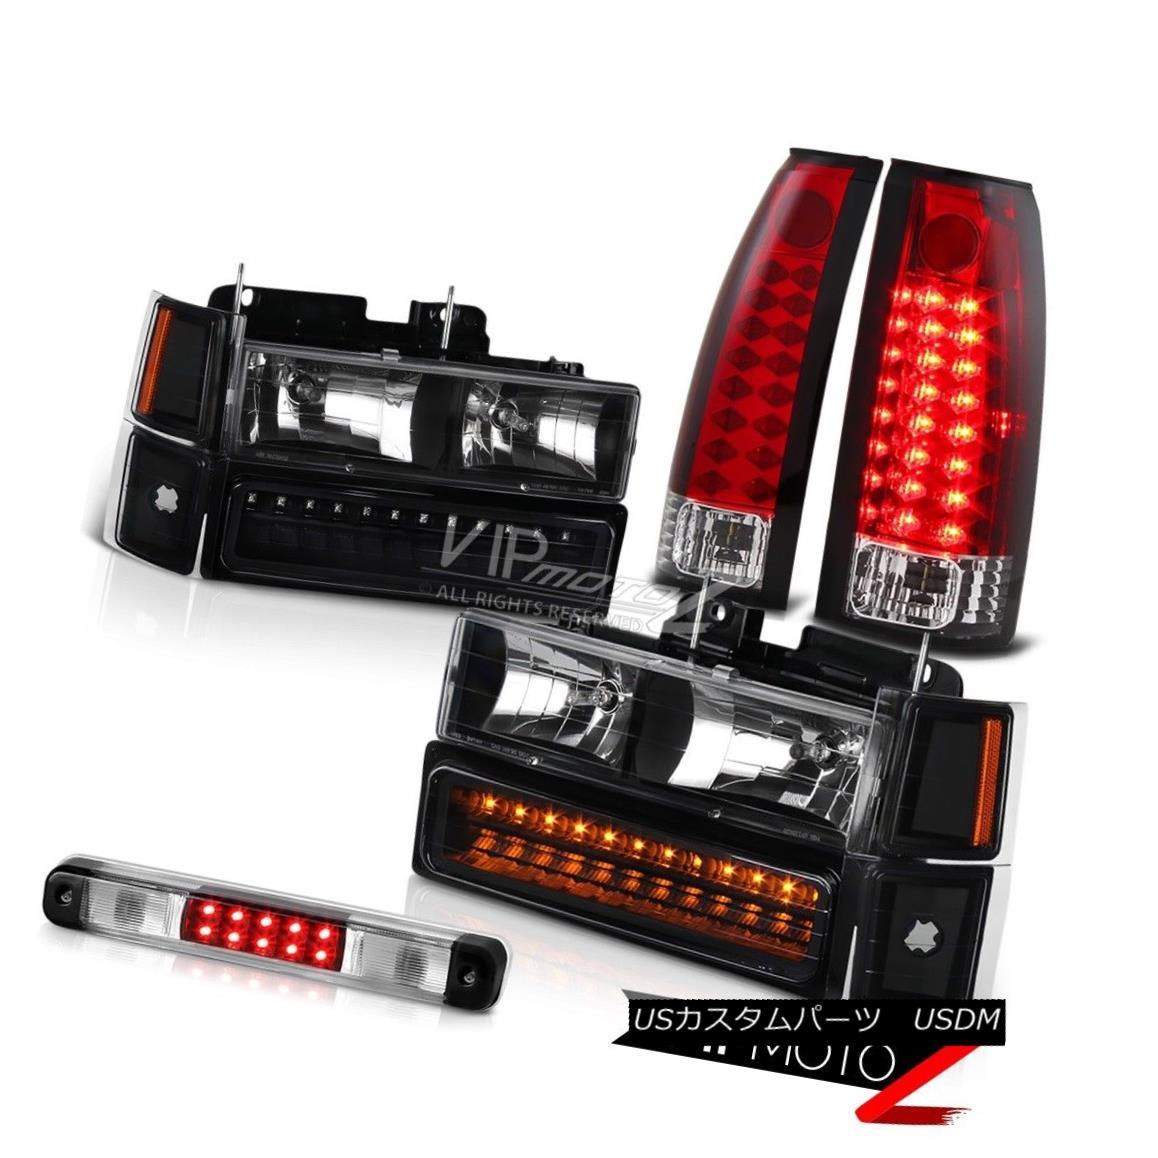 ヘッドライト 1994-1998 Chevy Truck Z71 Roof Cab Light Tail Lights Headlamps Bumper Corner 1994-1998 Chevy Truck Z71ルーフキャブライトテールライトヘッドランプバンパーコーナー